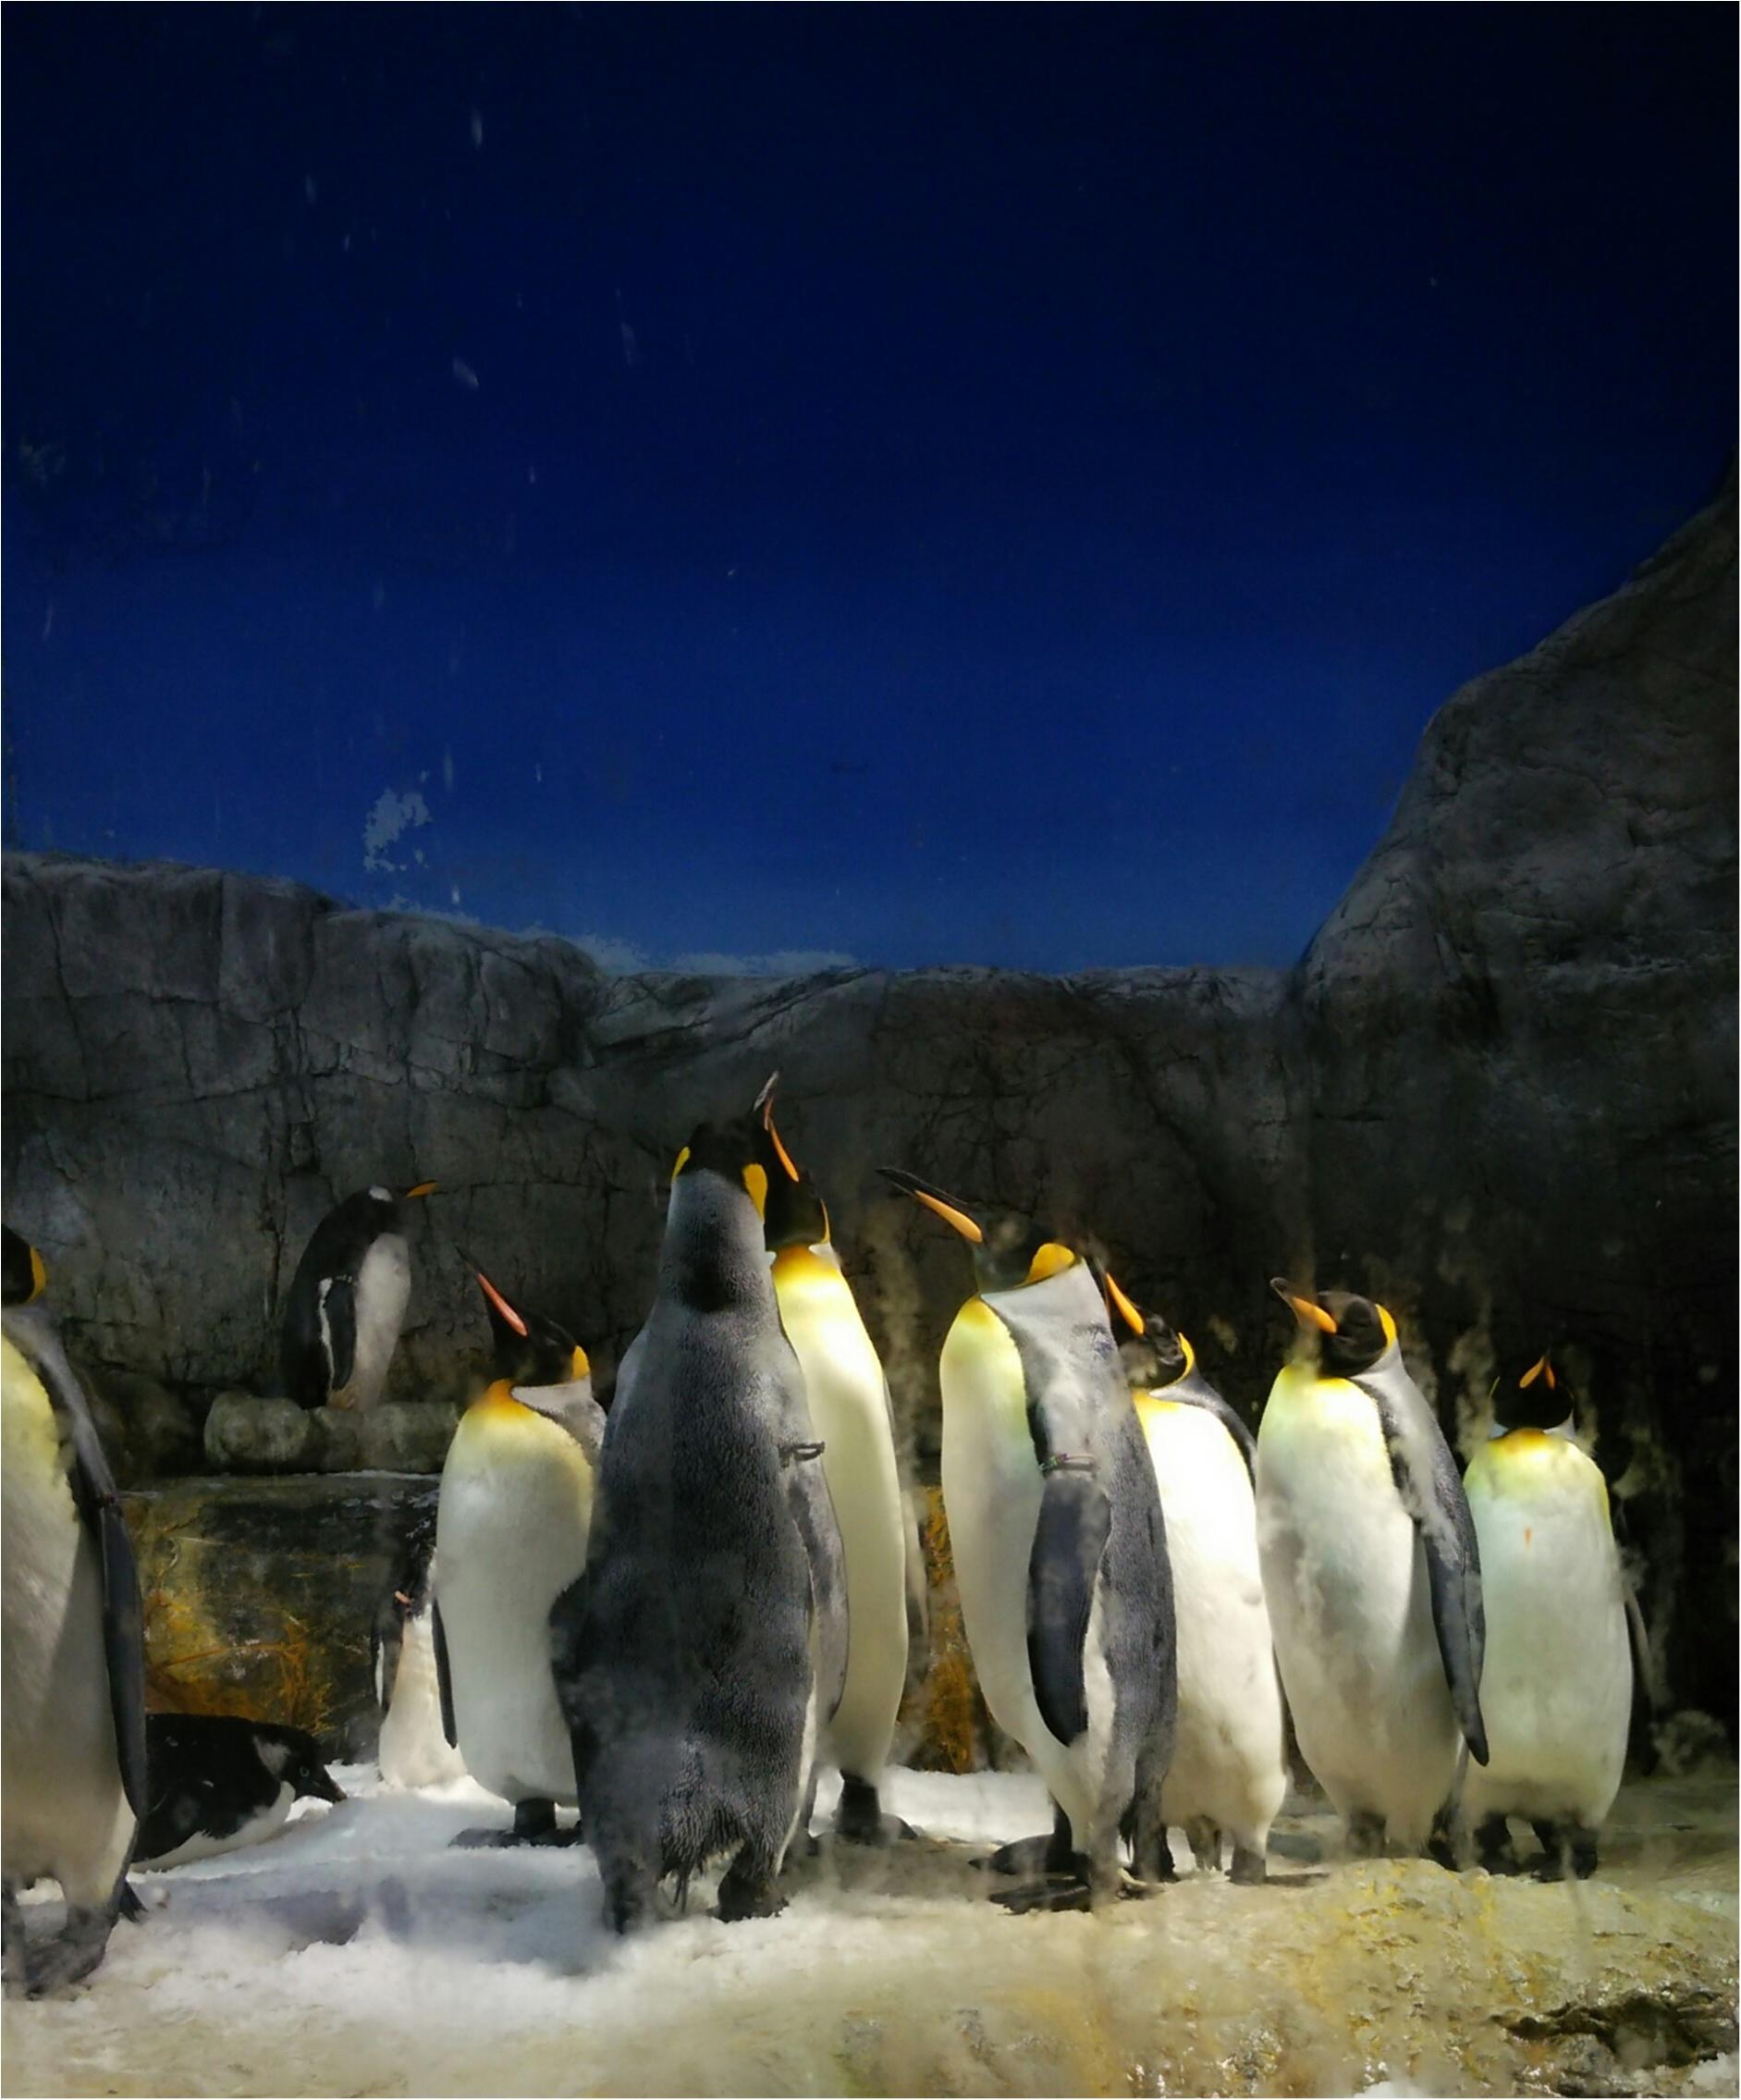 とっても可愛い!【海遊館】でペンギンの赤ちゃんが生まれましたよ!!(443 まゆ_10